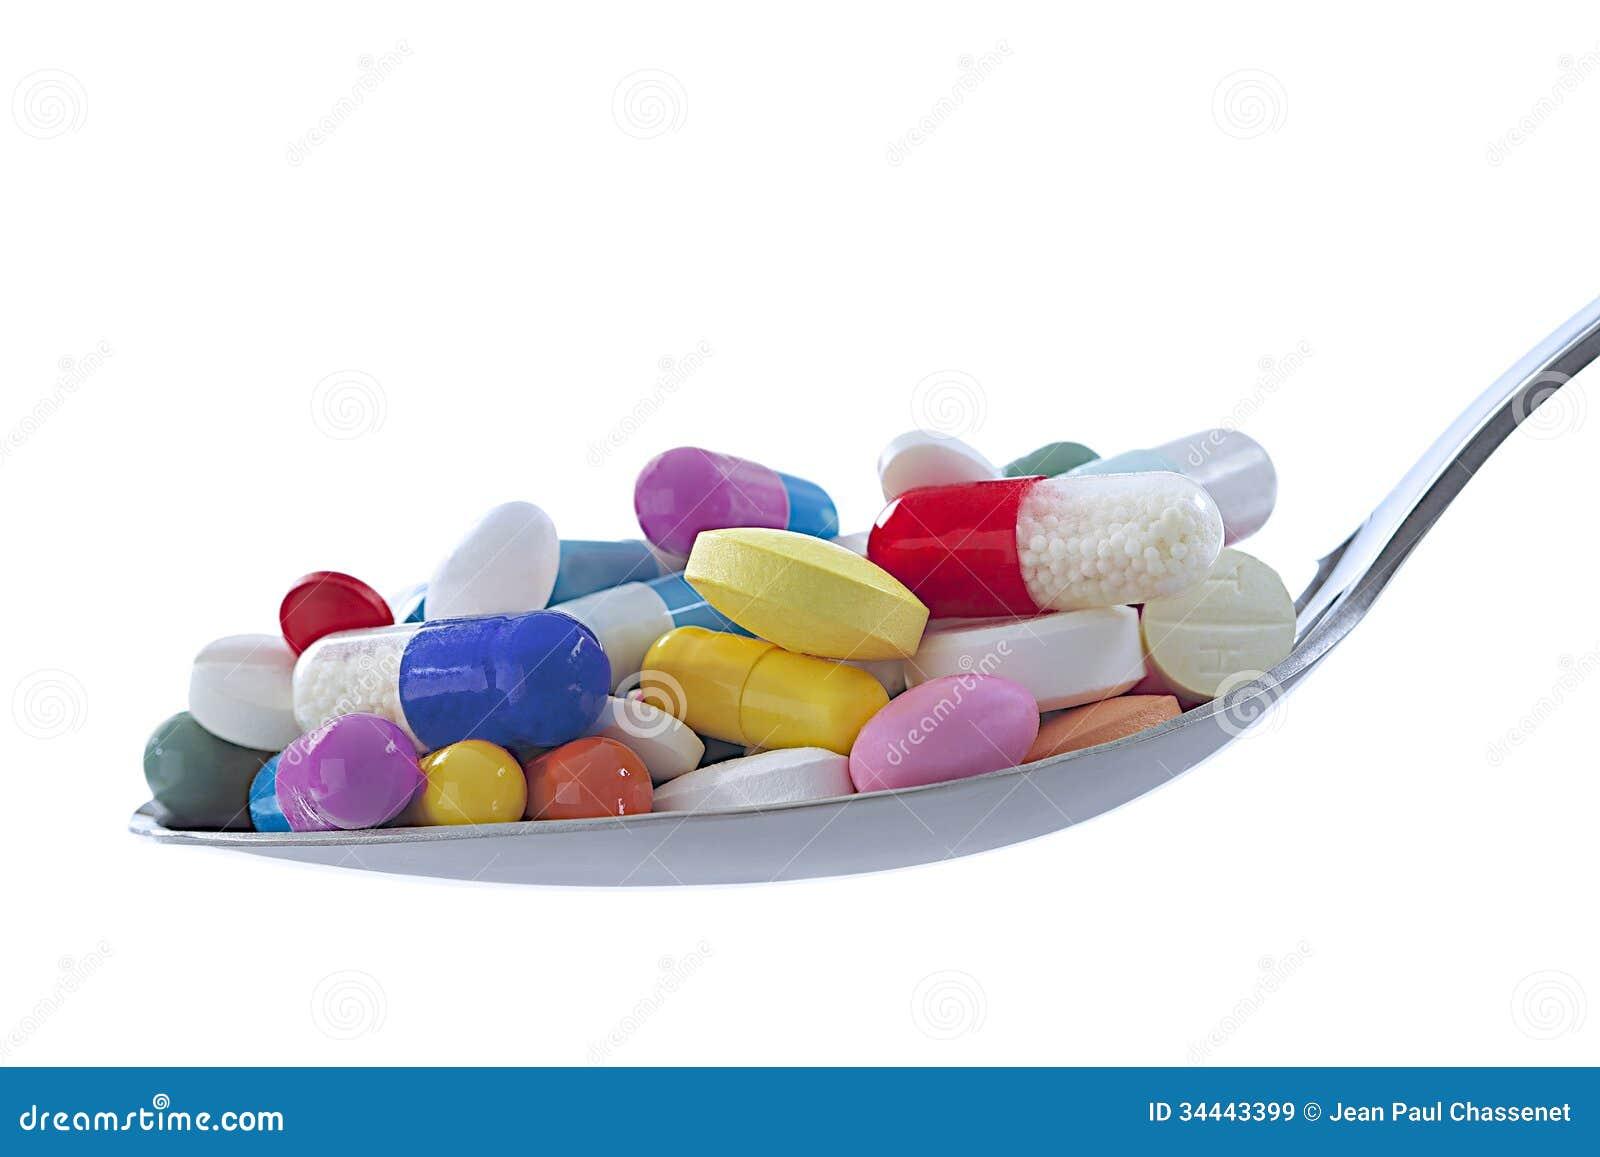 Symbol of drugs dependency